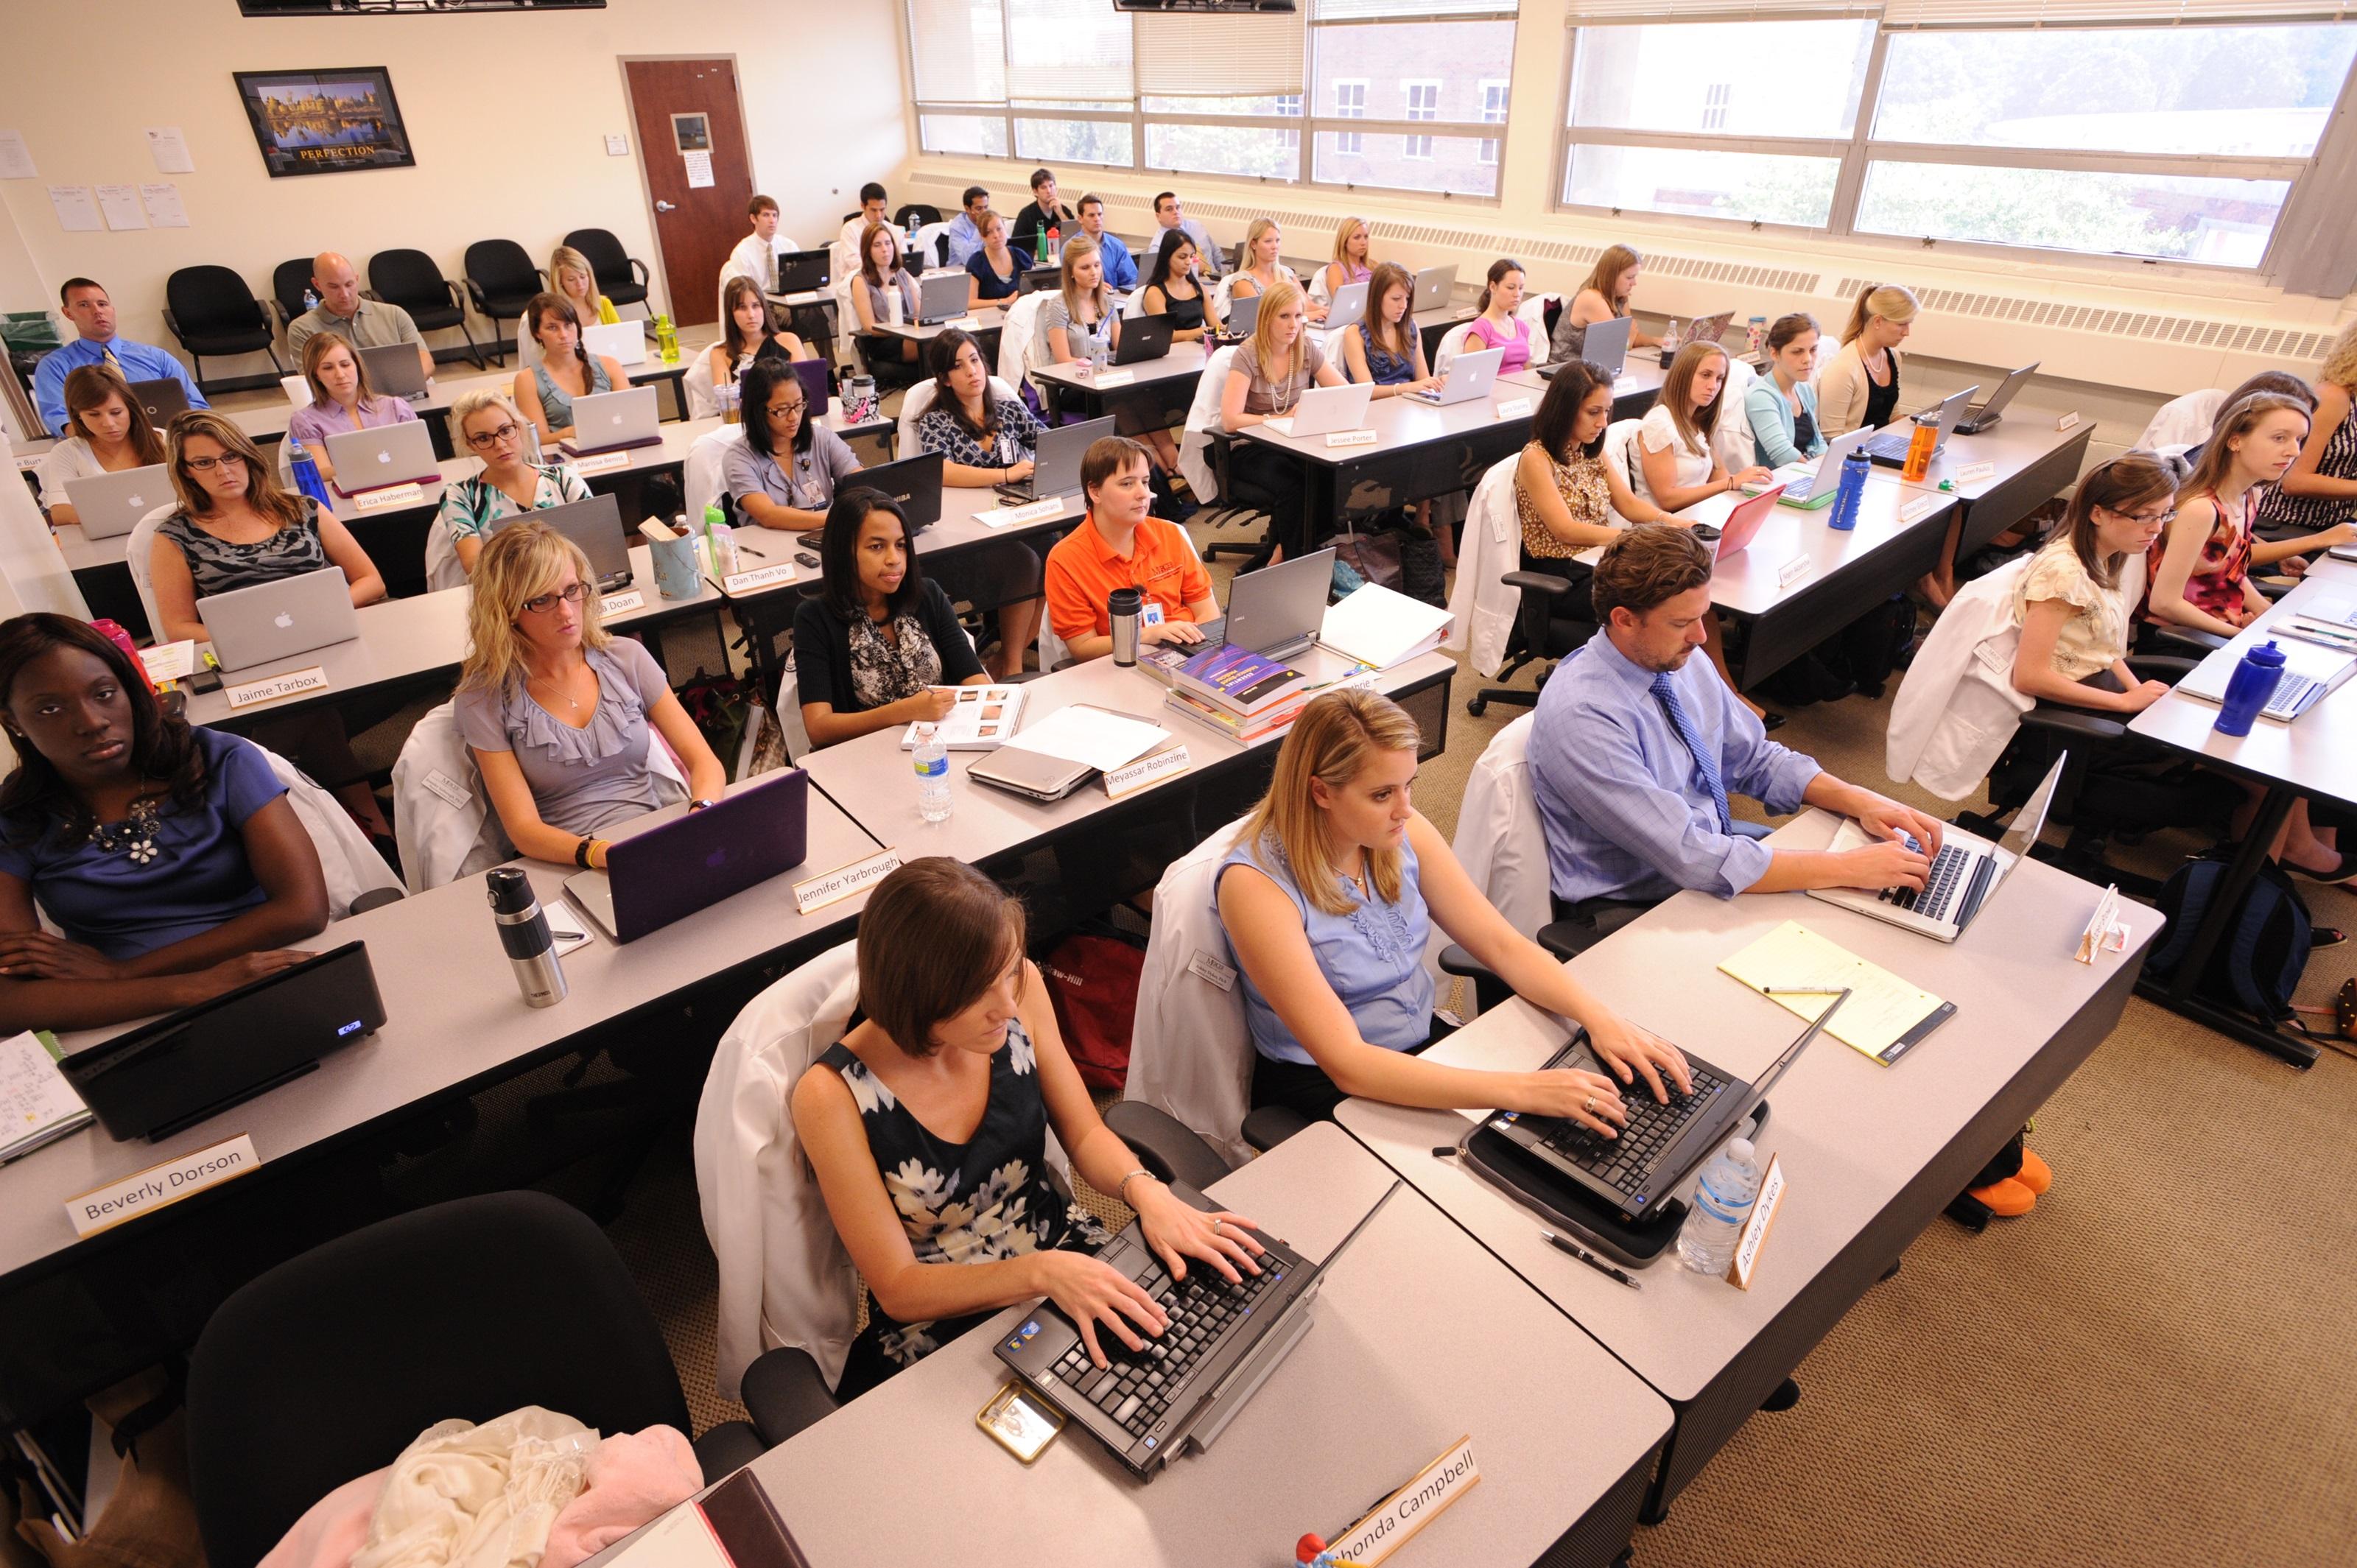 Imagem de Computadores na sala de aula não melhoram desempenho escolar, diz pesquisa no tecmundo